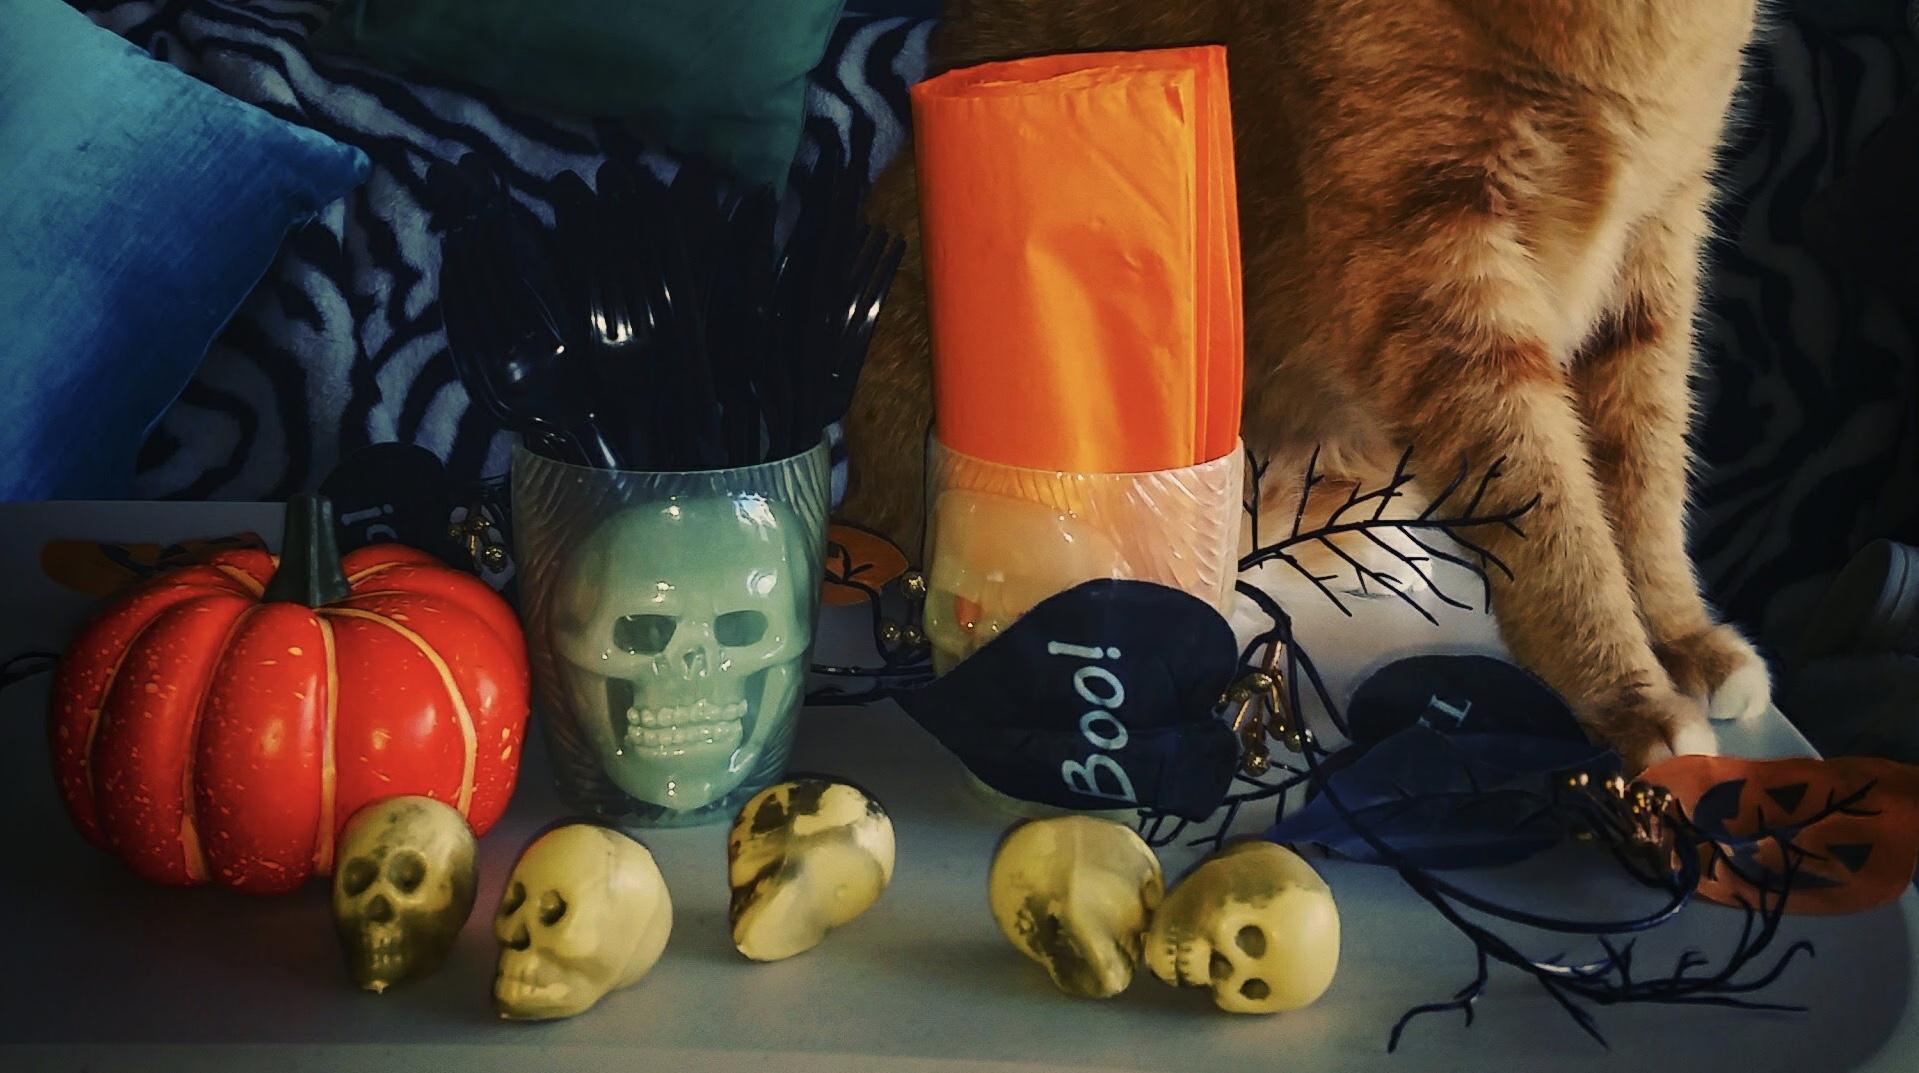 ハロウィンを祝う海外仕込みのパーティーフードアイディア